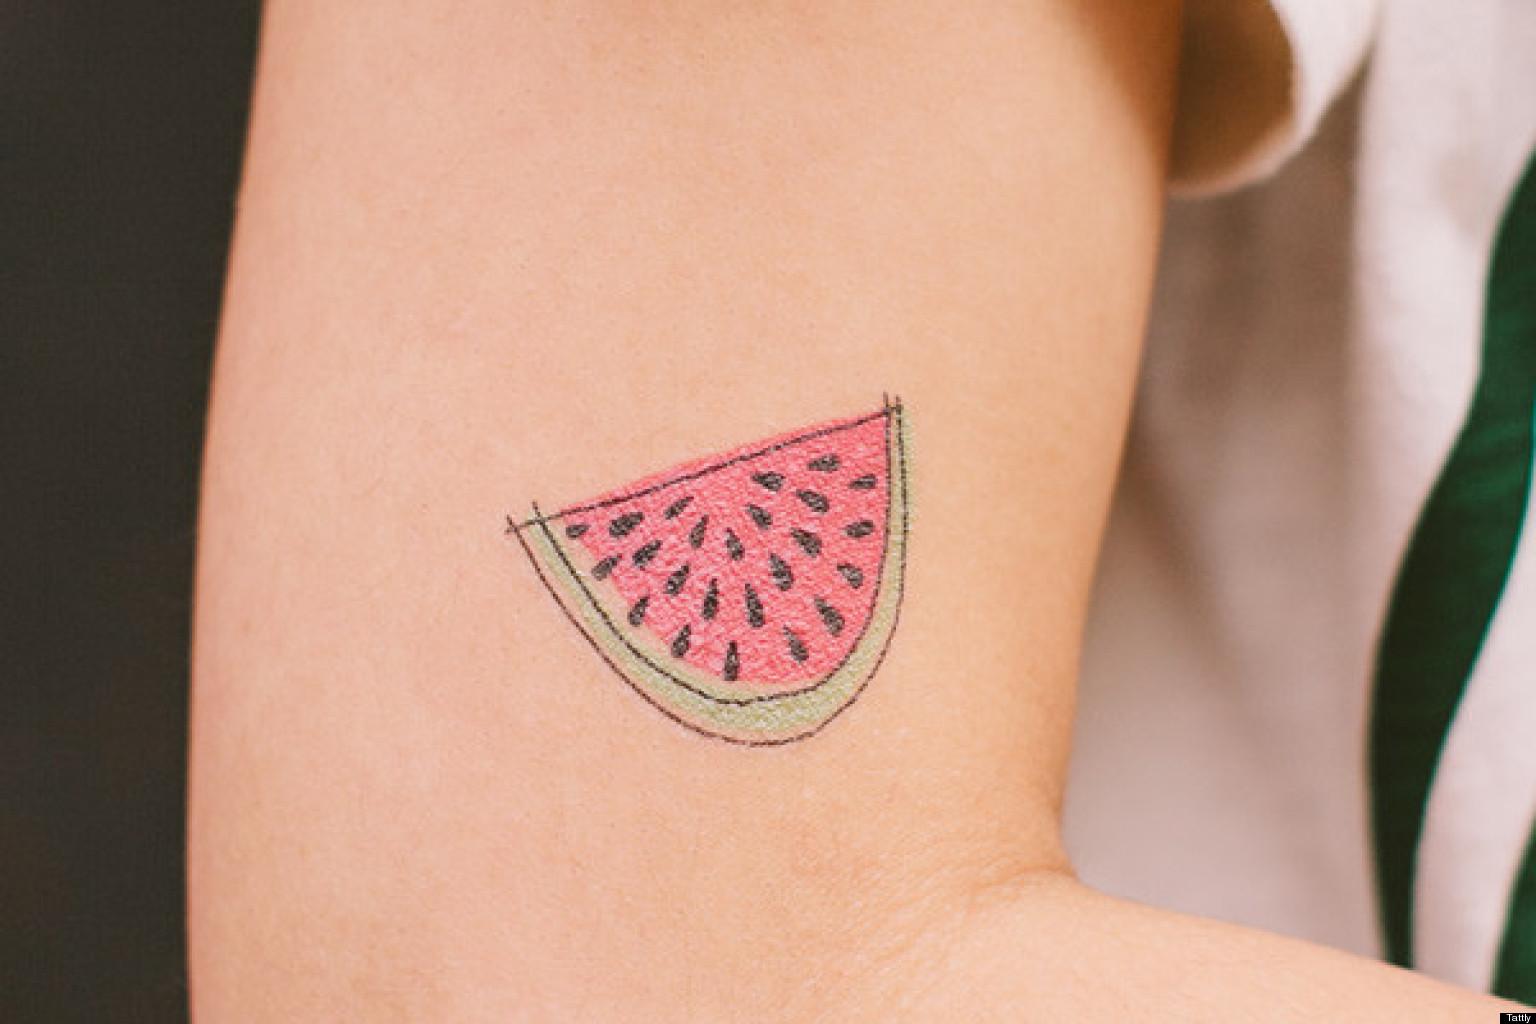 o-temporary-food-tattoos-facebook.jpg